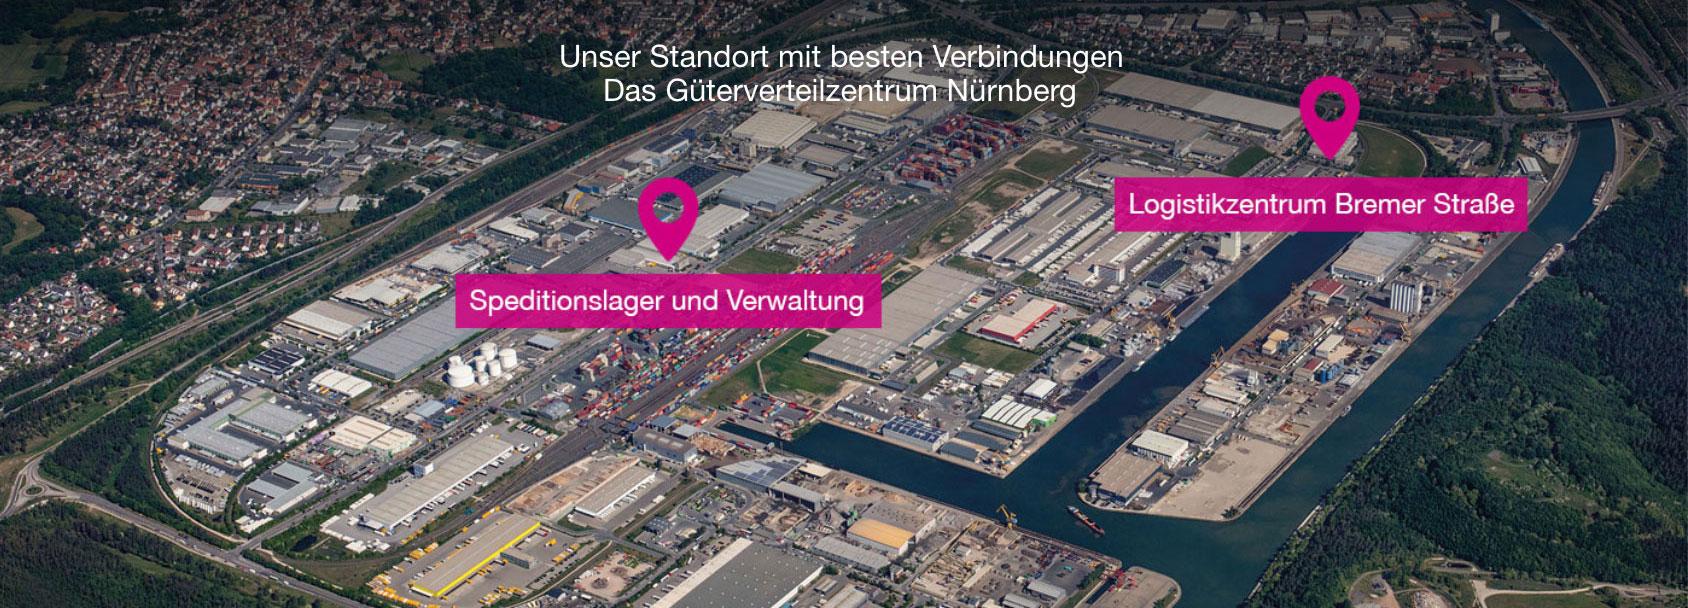 home_standort_visual-de